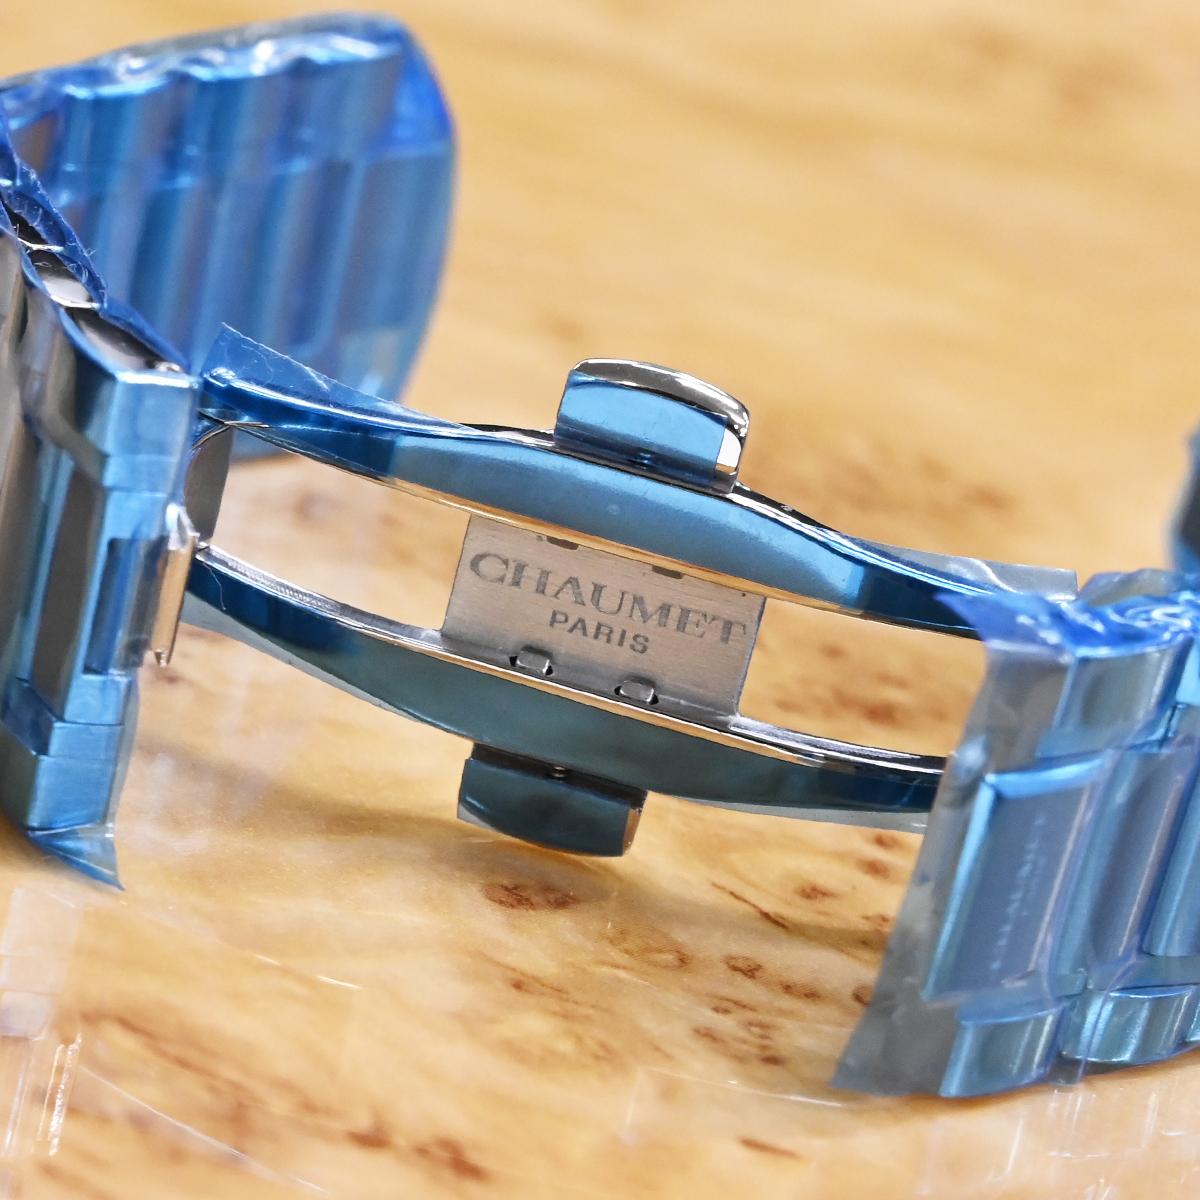 本物 新品 ショーメ 極希少 クラスワン ダイバー 純正ステンレスブレスレット SSブレス 腕時計 ウォッチベルト メタルブレス CHAUMET_画像3